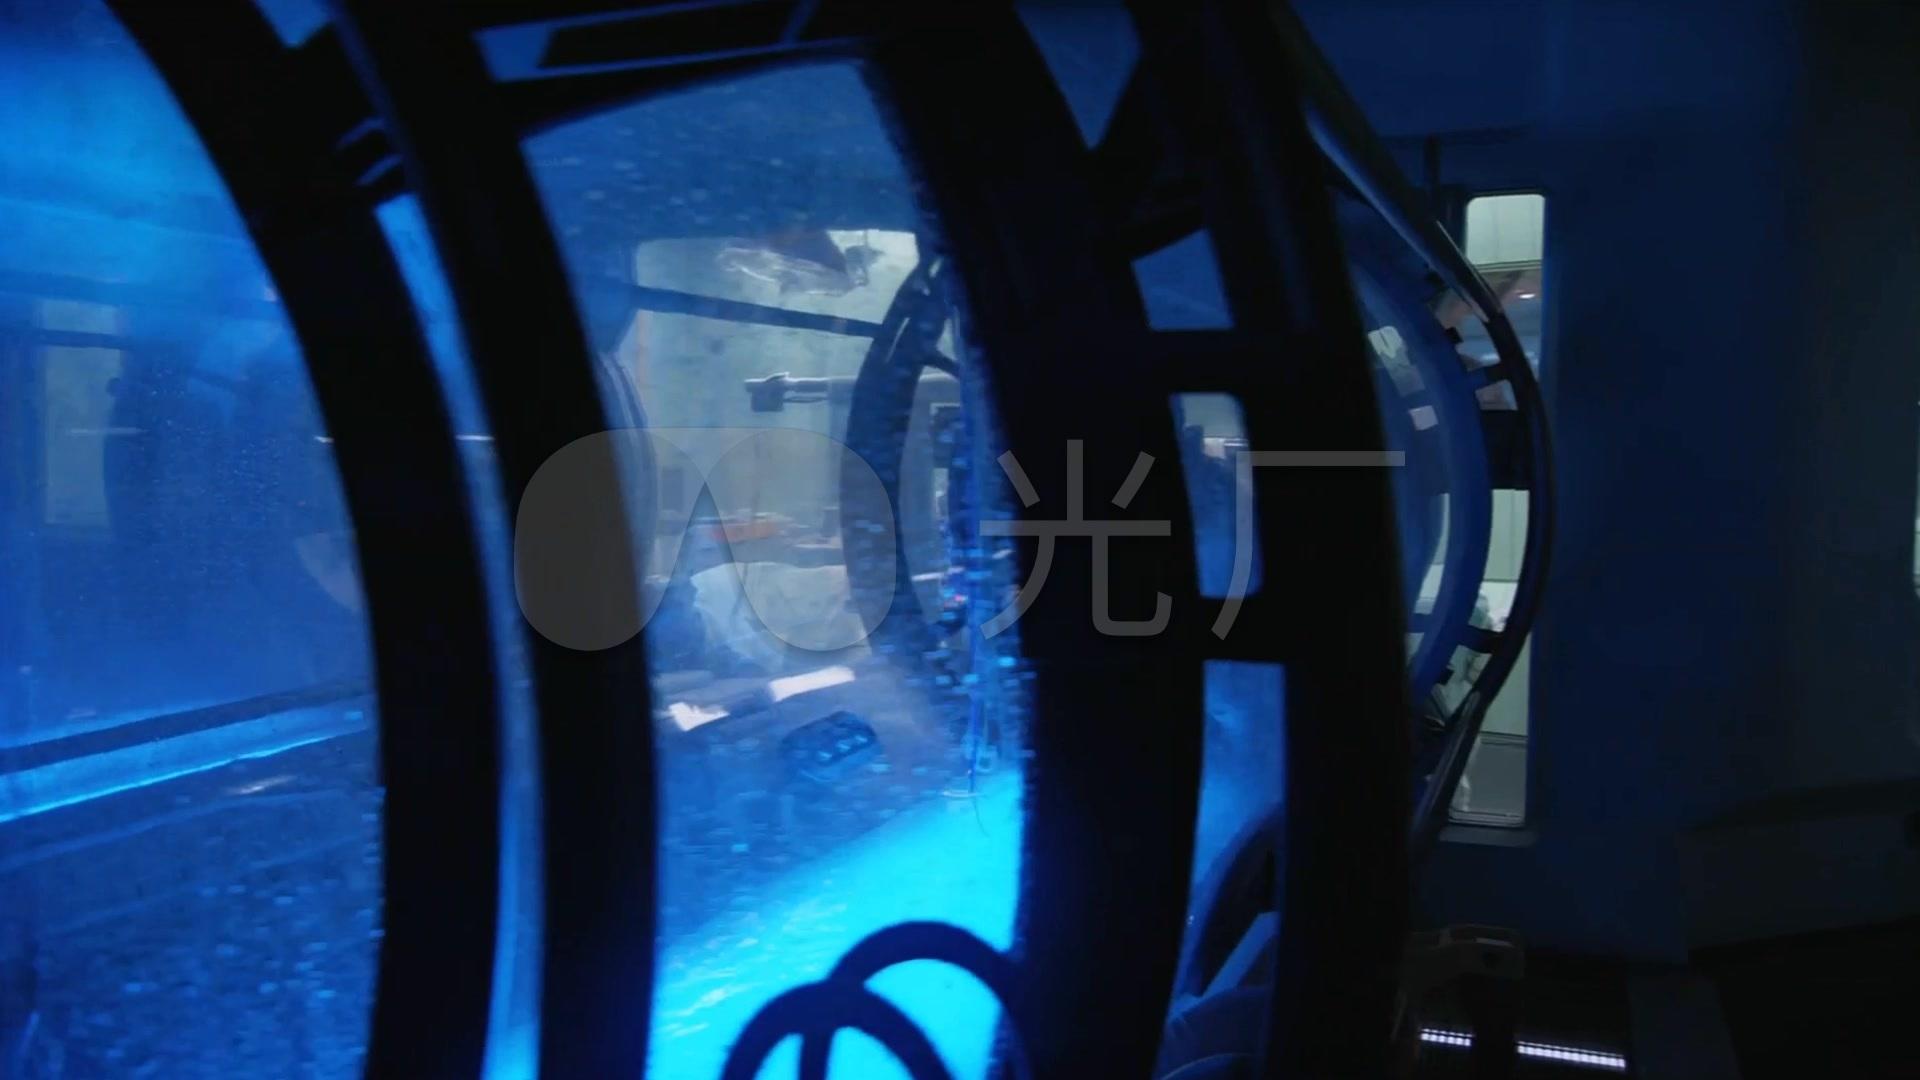 消防员v水管水管罐子视频图纸_1920X1080_高已玻璃显示打印为,为啥不能存图片